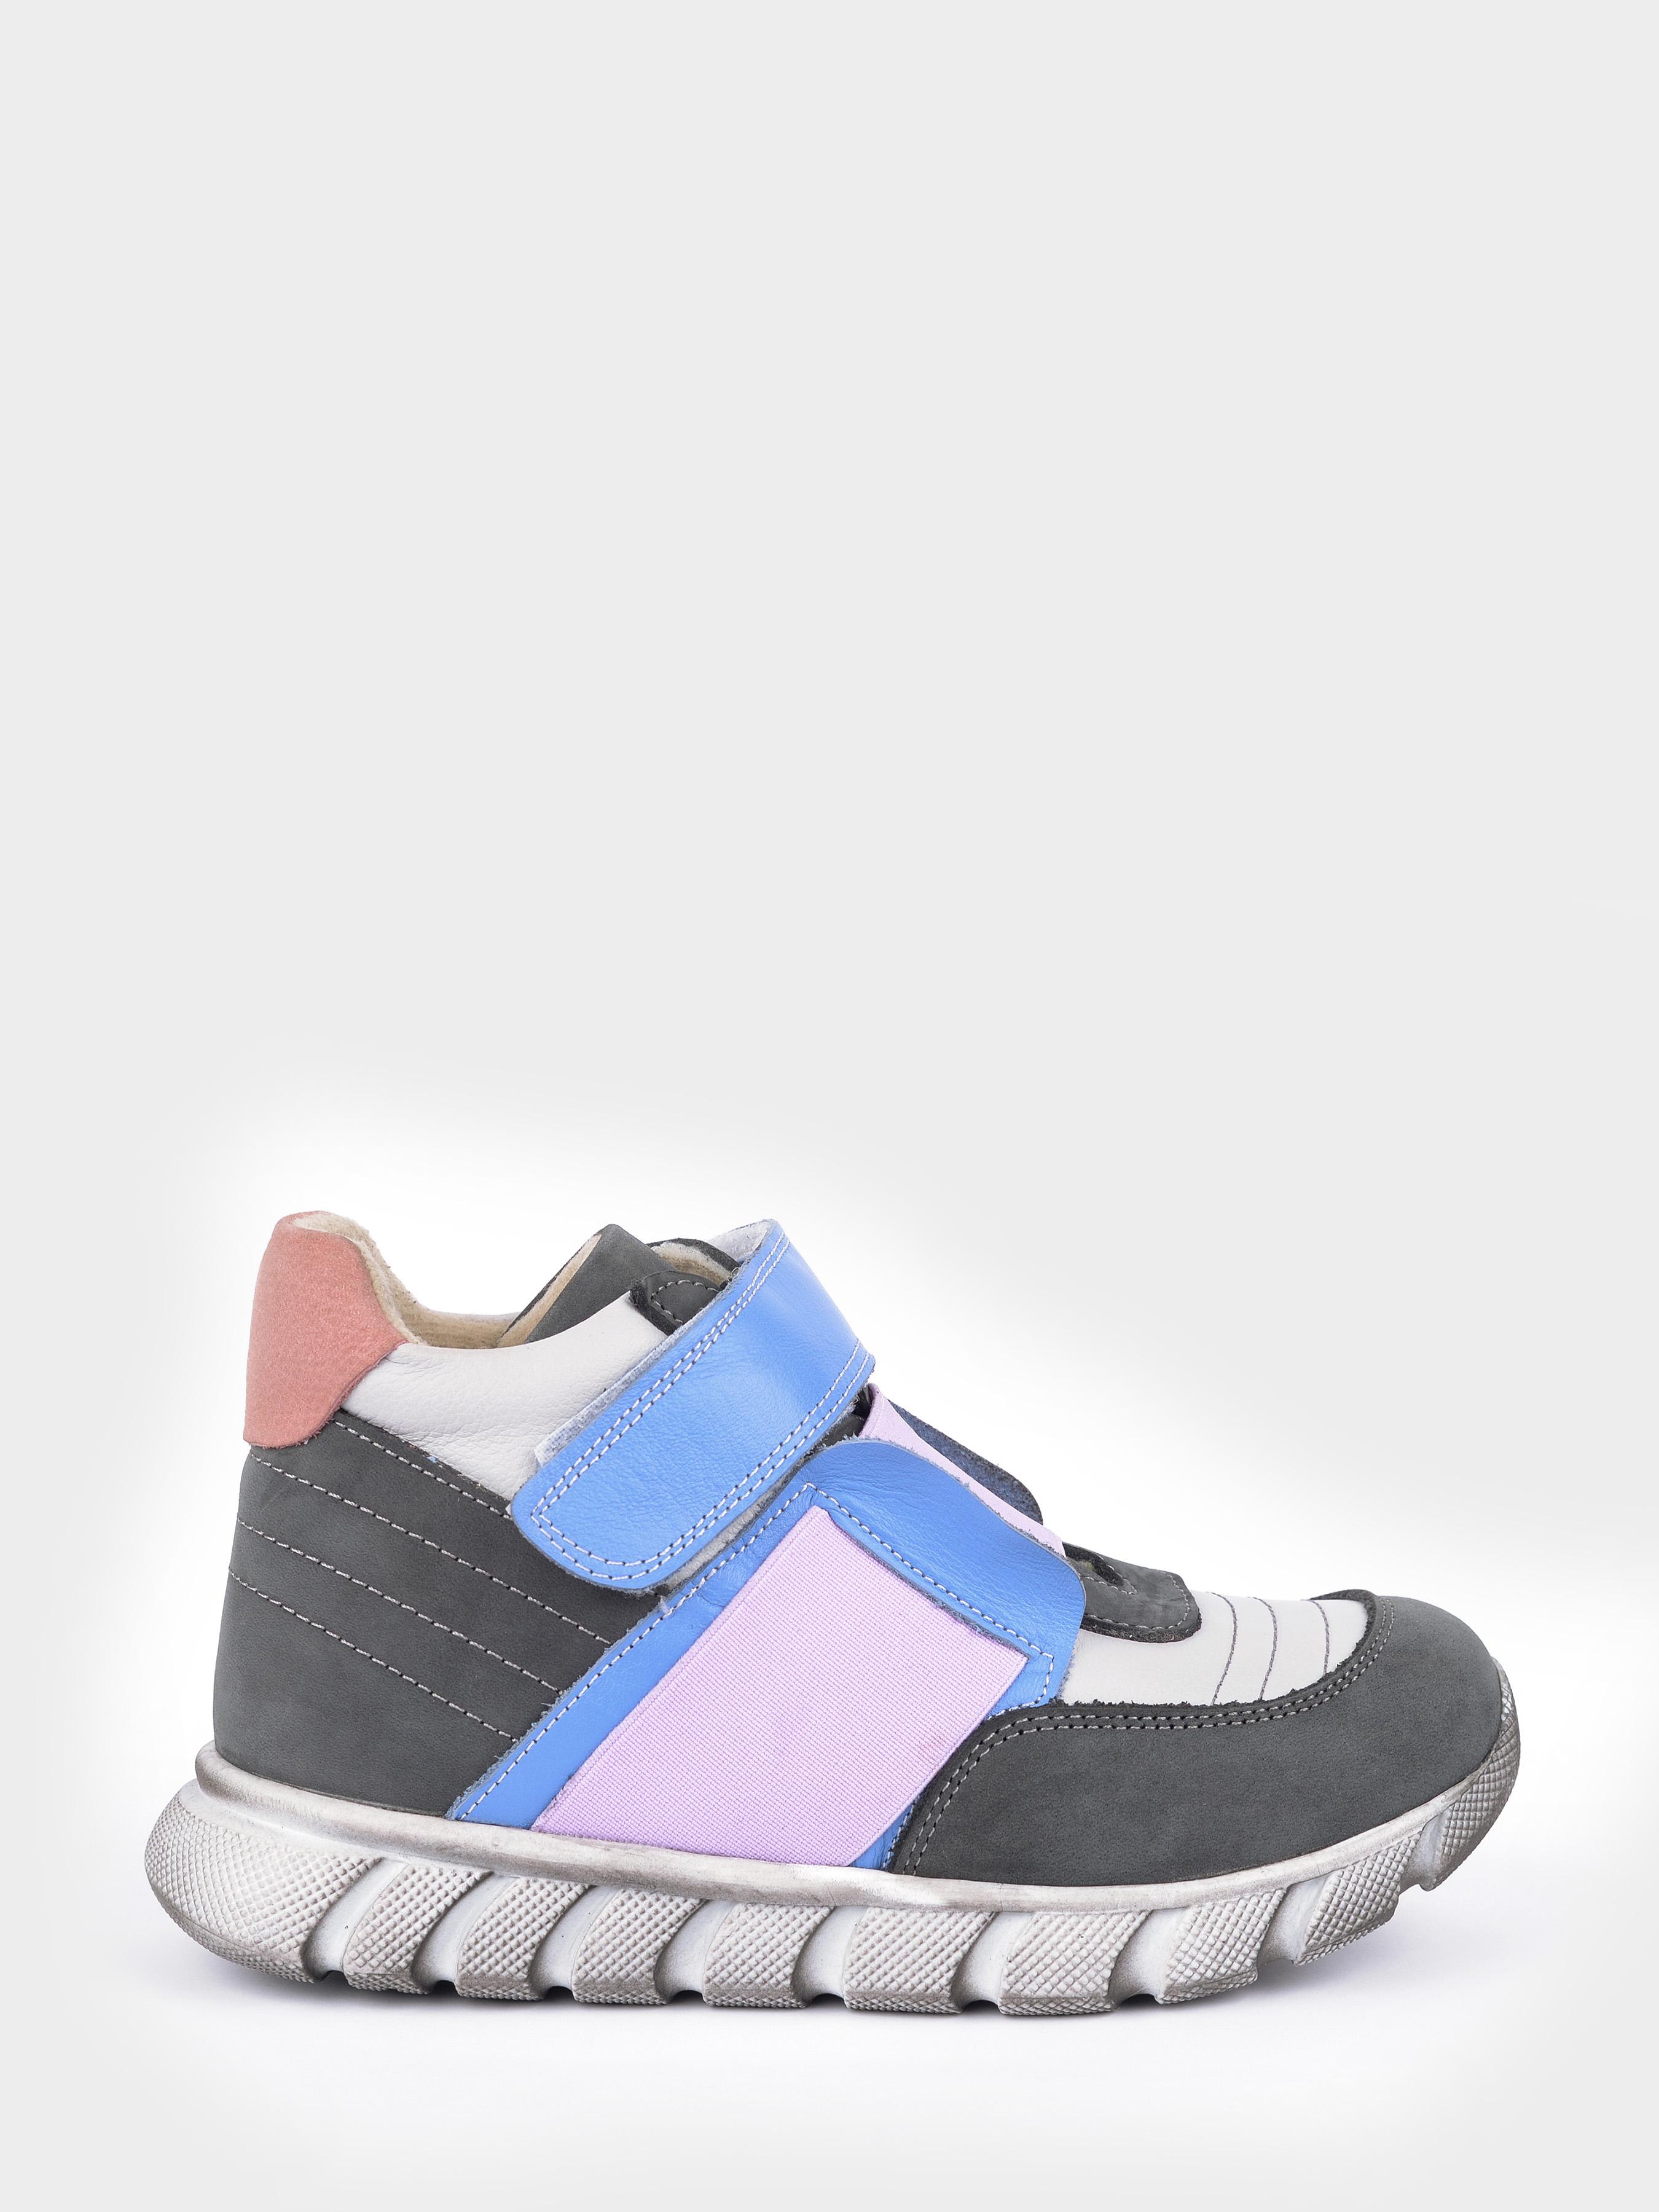 Купить Ботинки детские Демисезонные ботинки для девочки 2388-16, Liya, Серый, Голубой